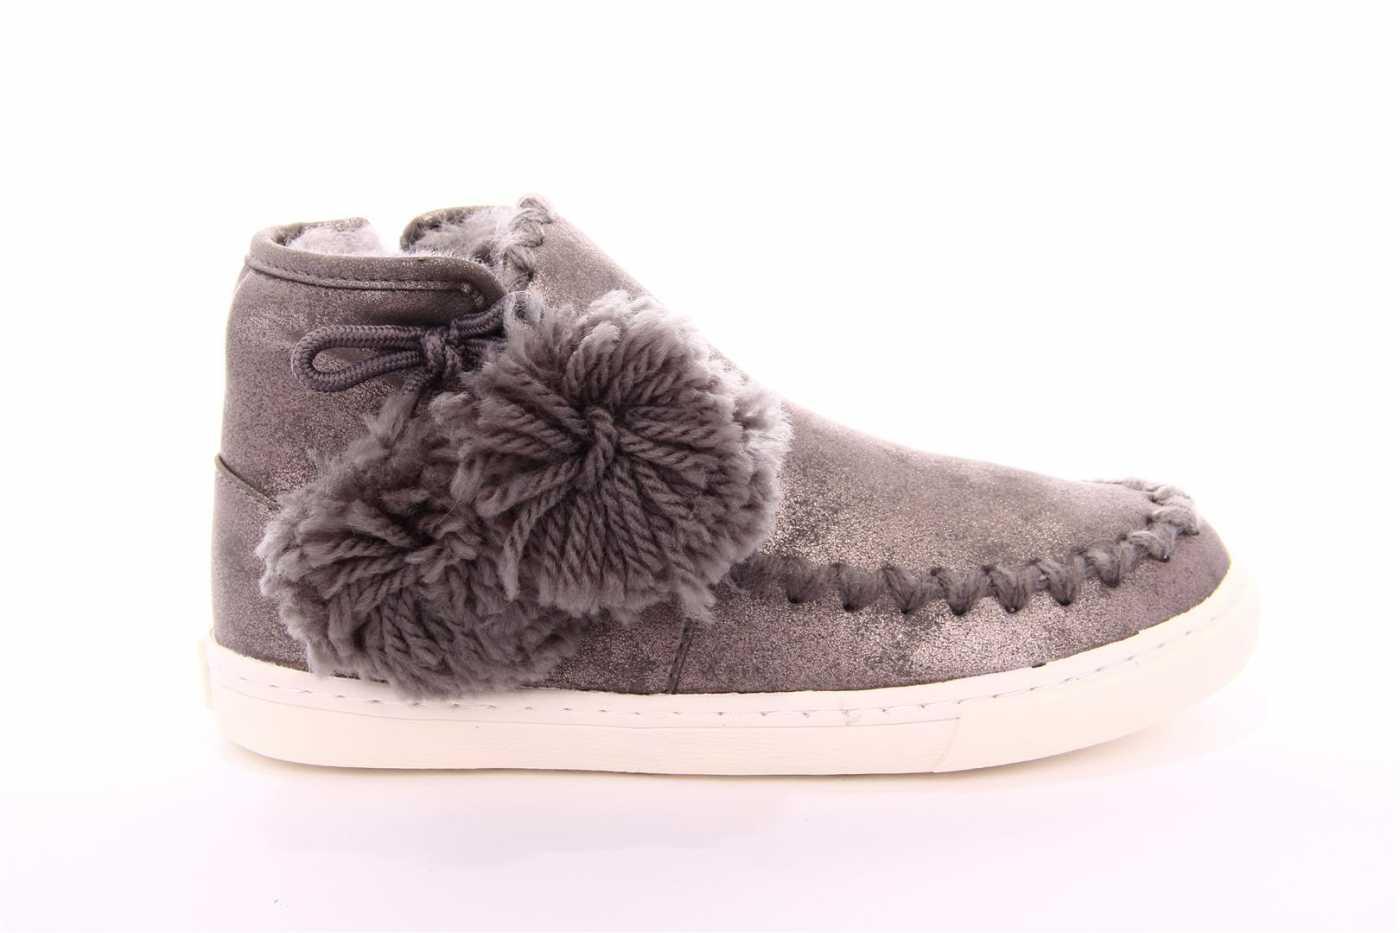 ac3ecdcf328 Comprar zapato tipo JOVEN NIÑA estilo BOTINES-BOTA ALTA COLOR PLATA ...